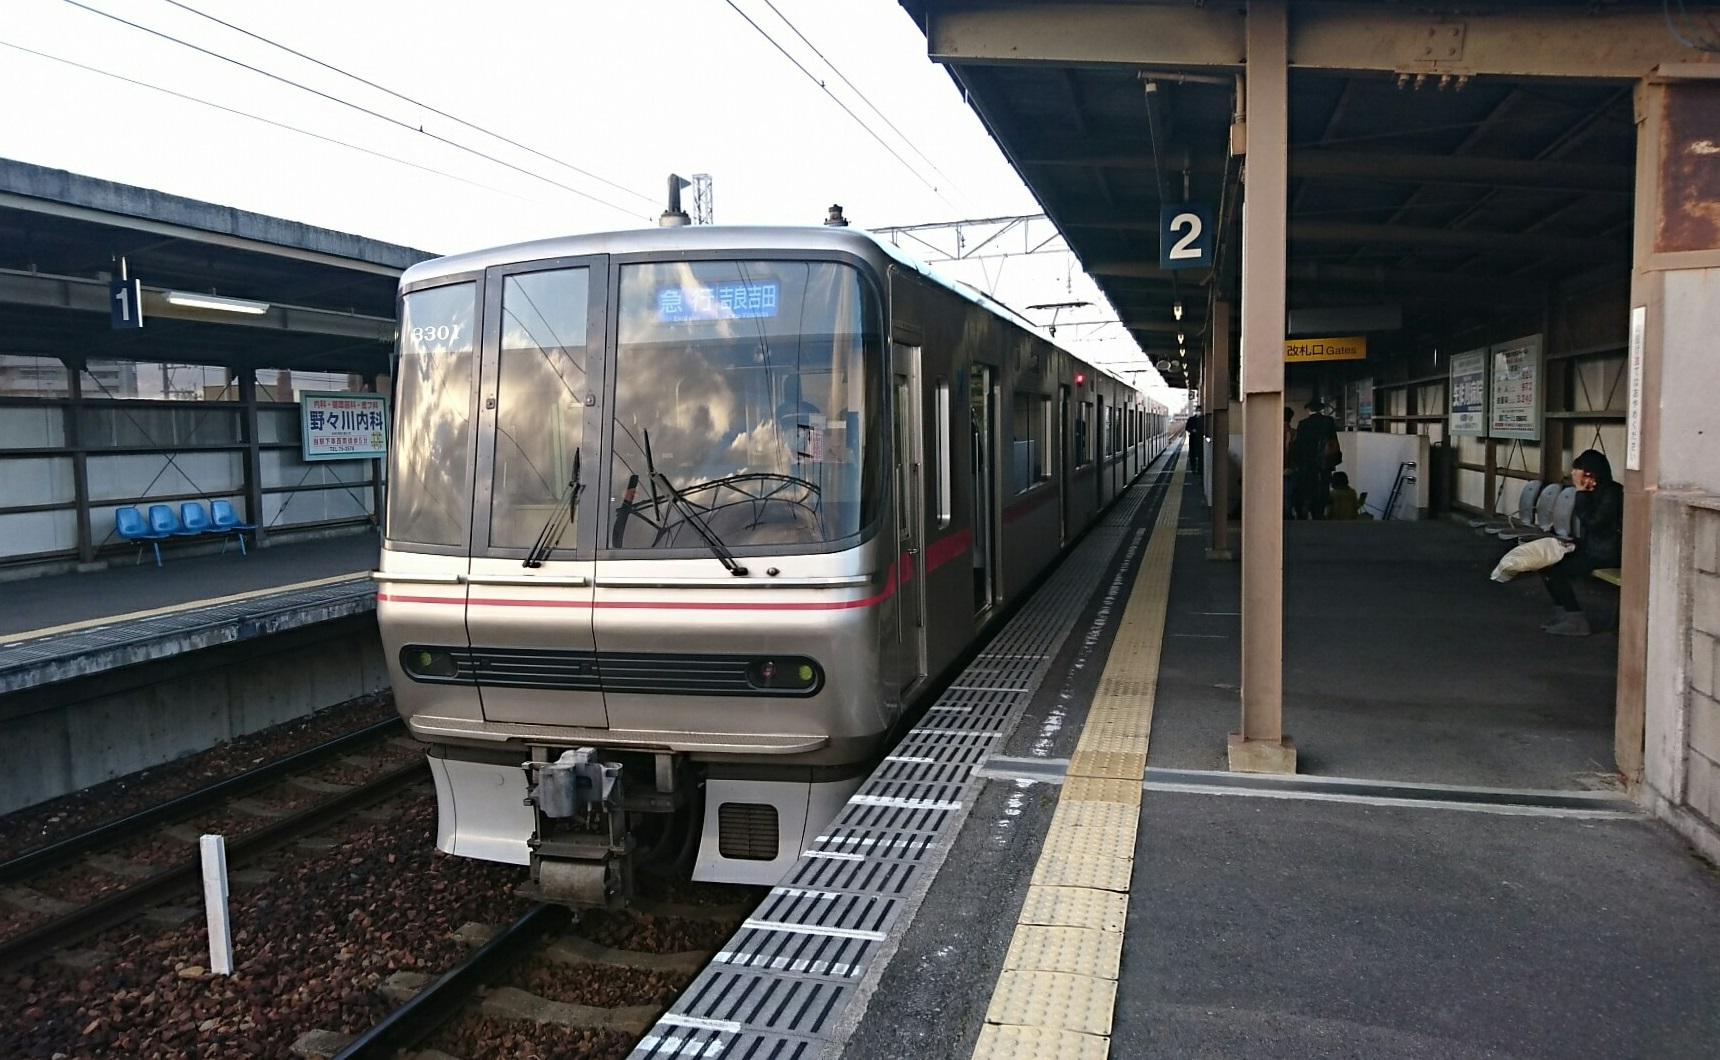 2017.2.2 (102) みなみあんじょう - 吉良吉田いき急行 1720-1060